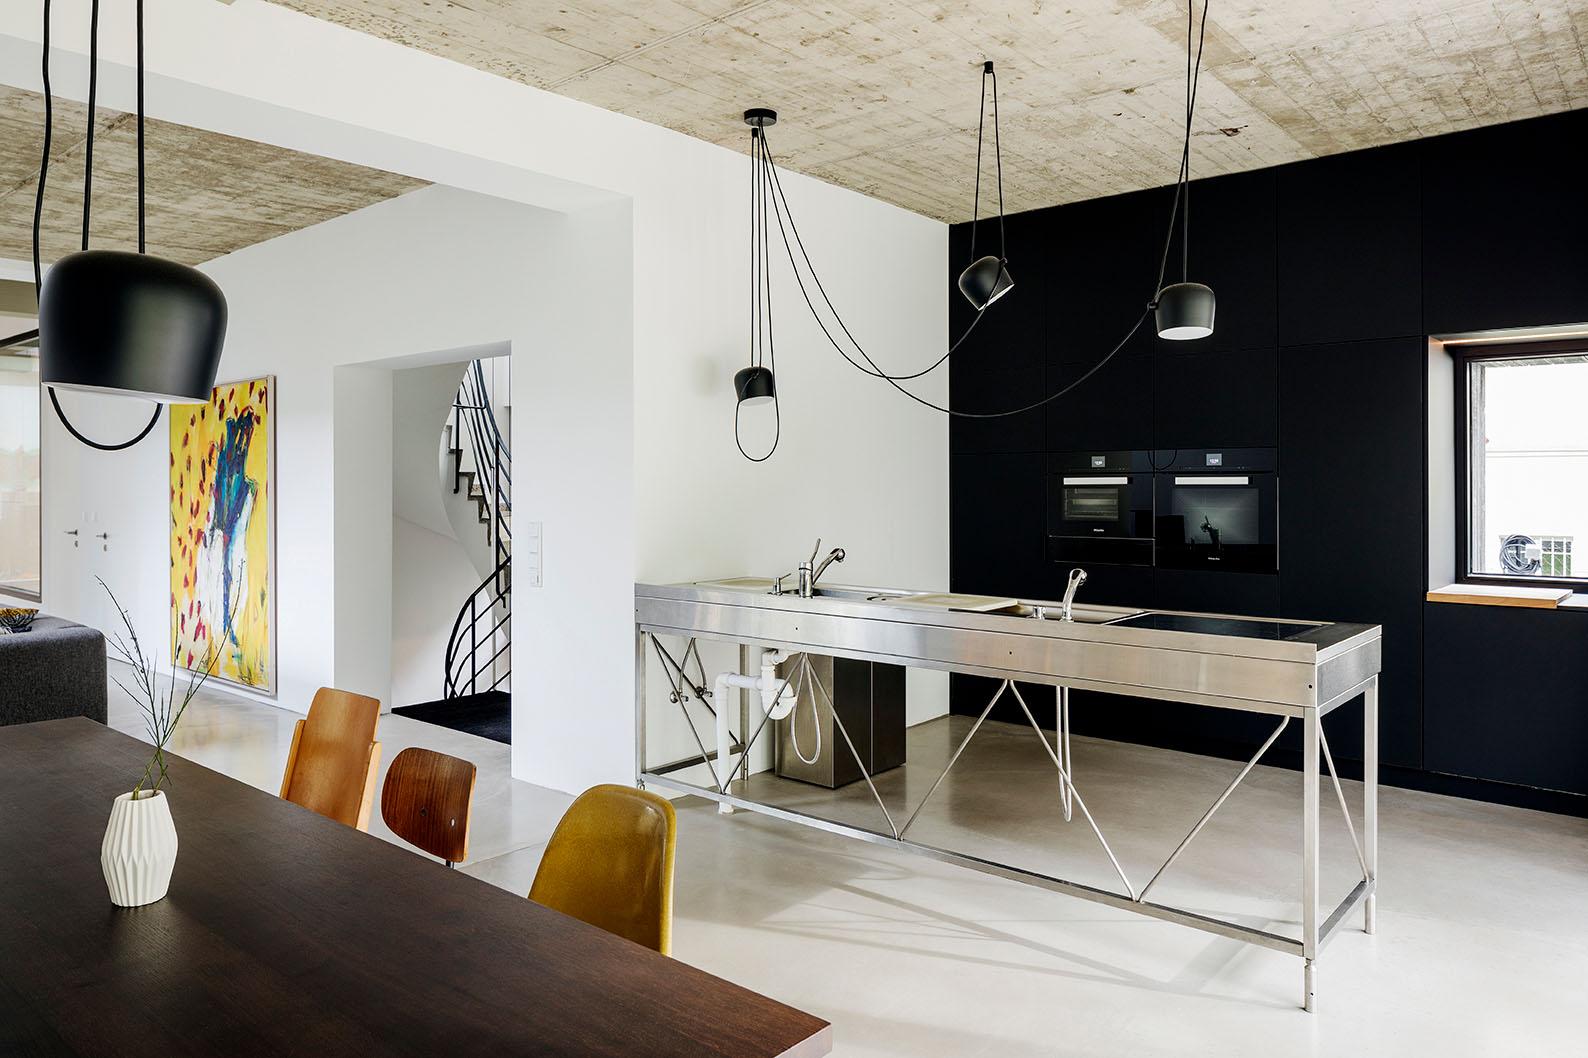 interior view Philipp Obkircher